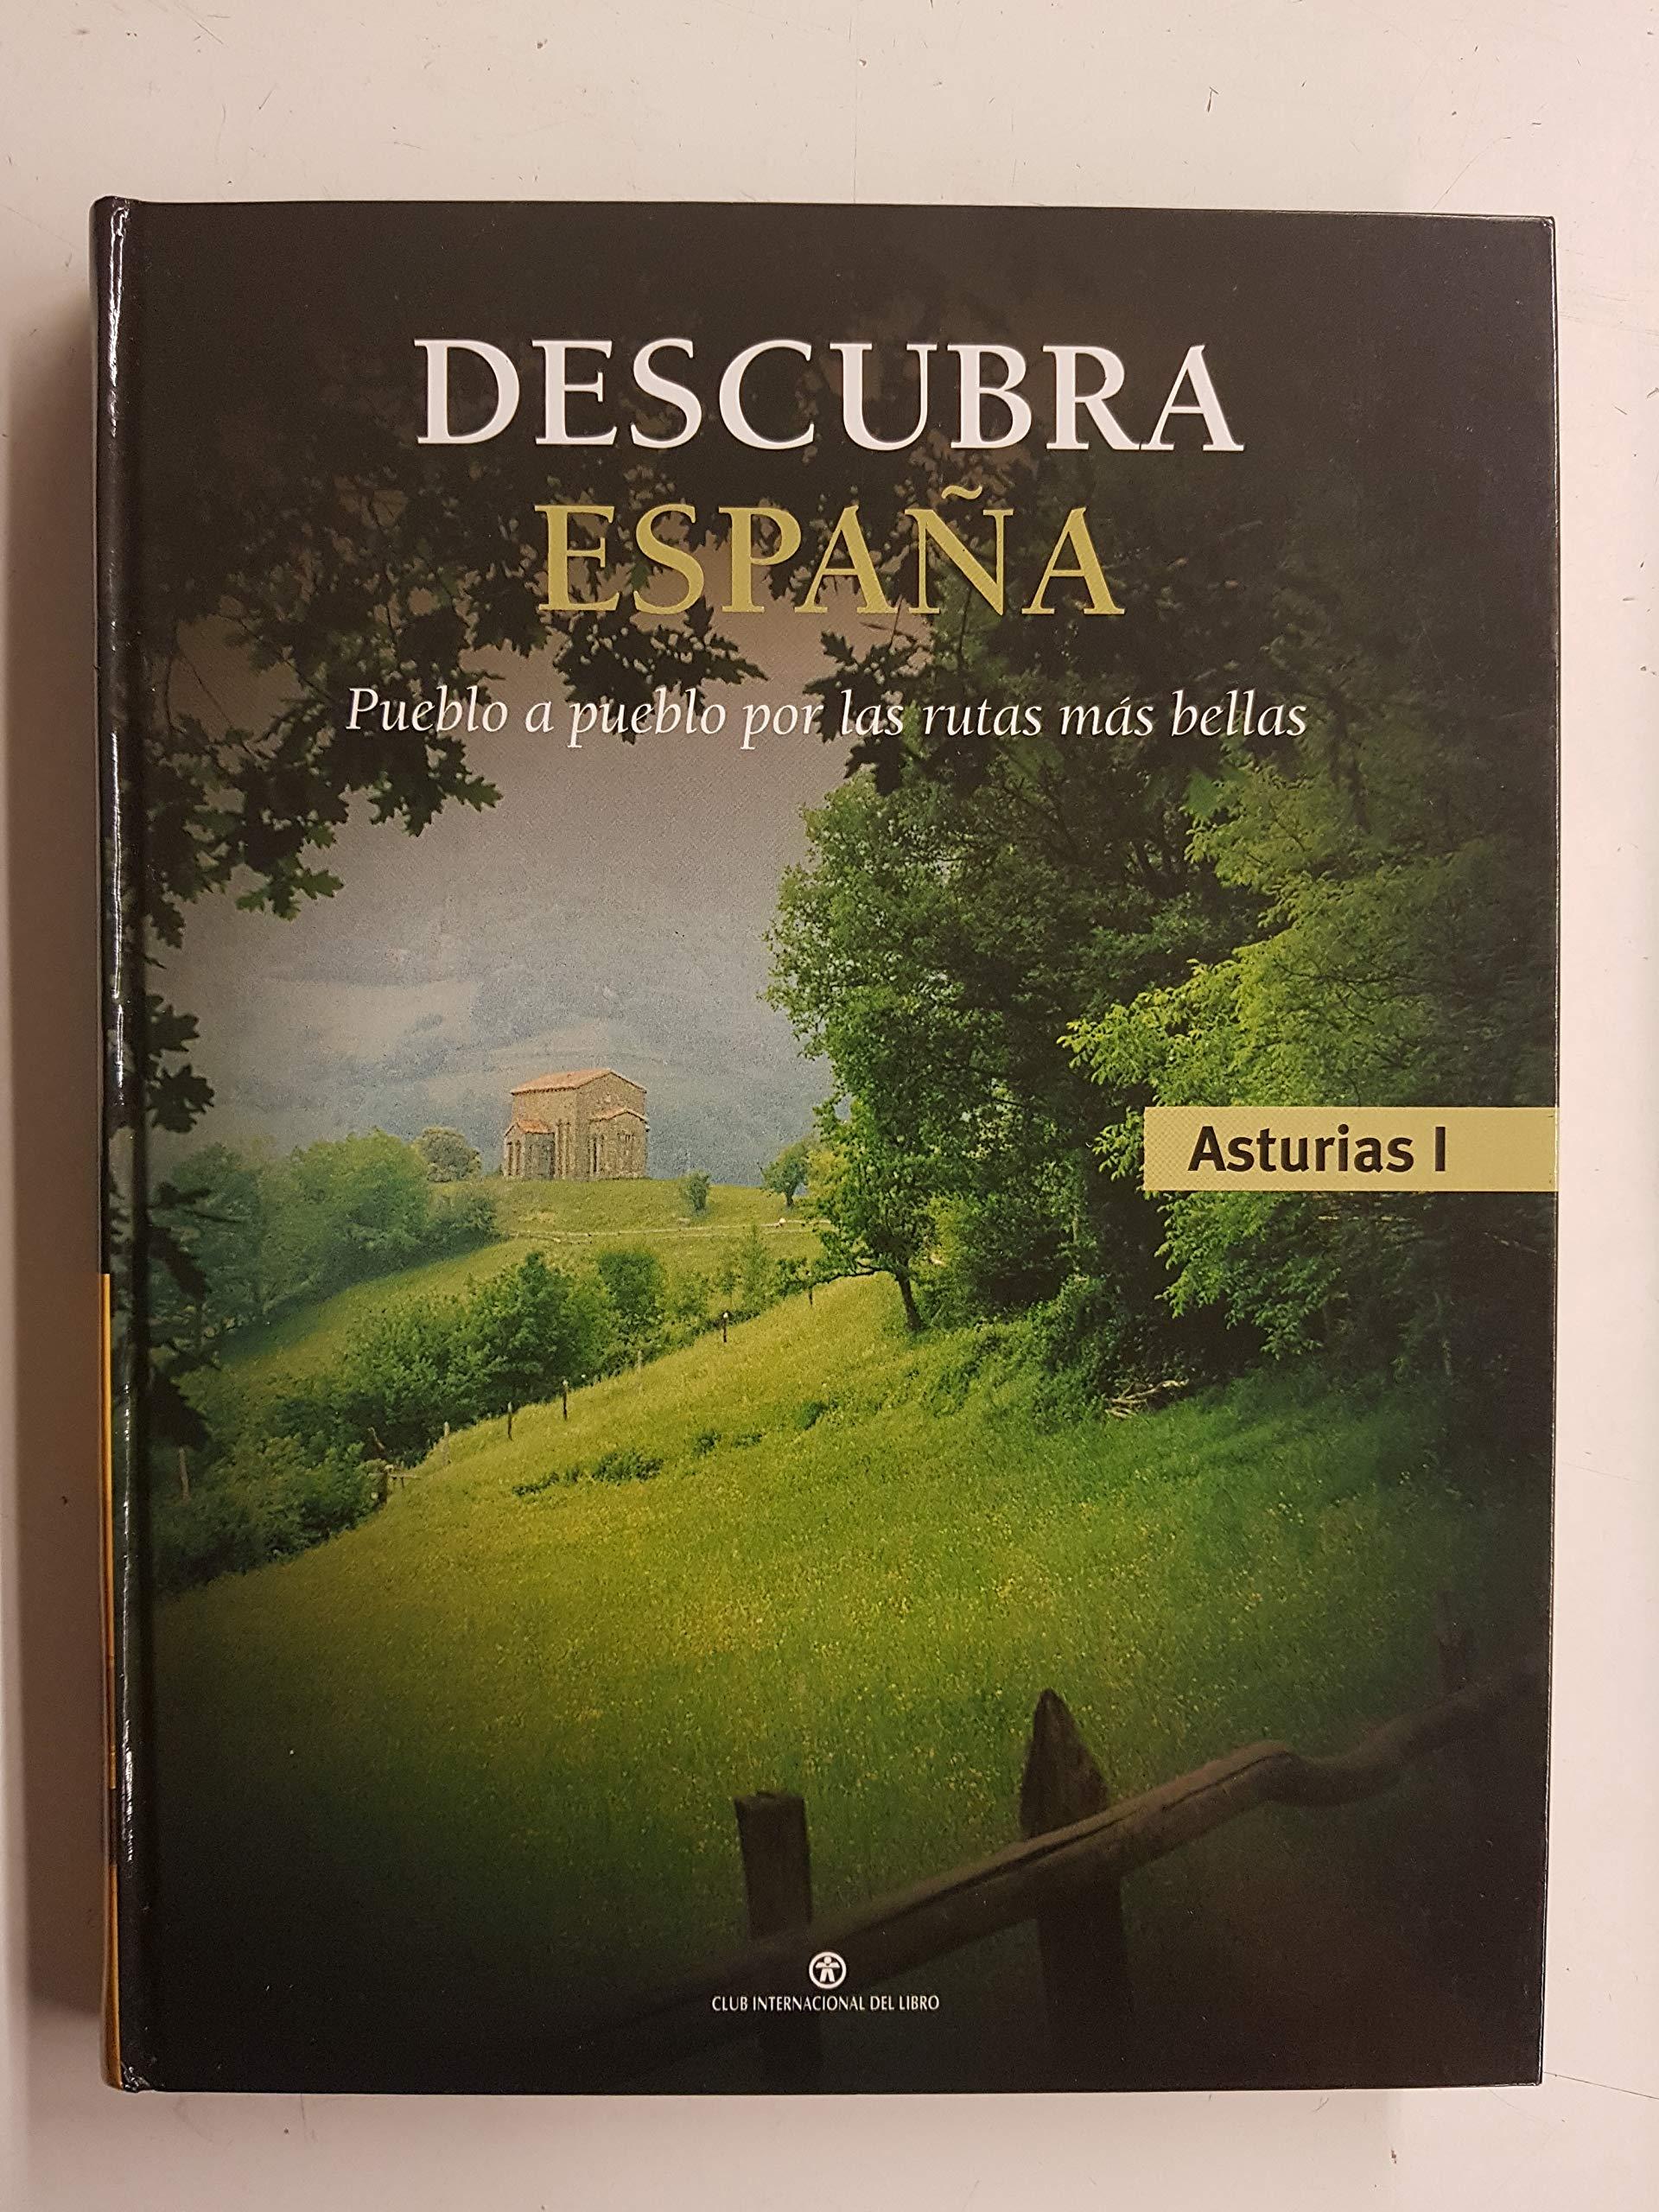 Descubra España pueblo a pueblo por las rutas más bellas: Asturias I: Amazon.es: Javier de Juan y Peñalosa y Sacramento Nieto Ocaña: Libros